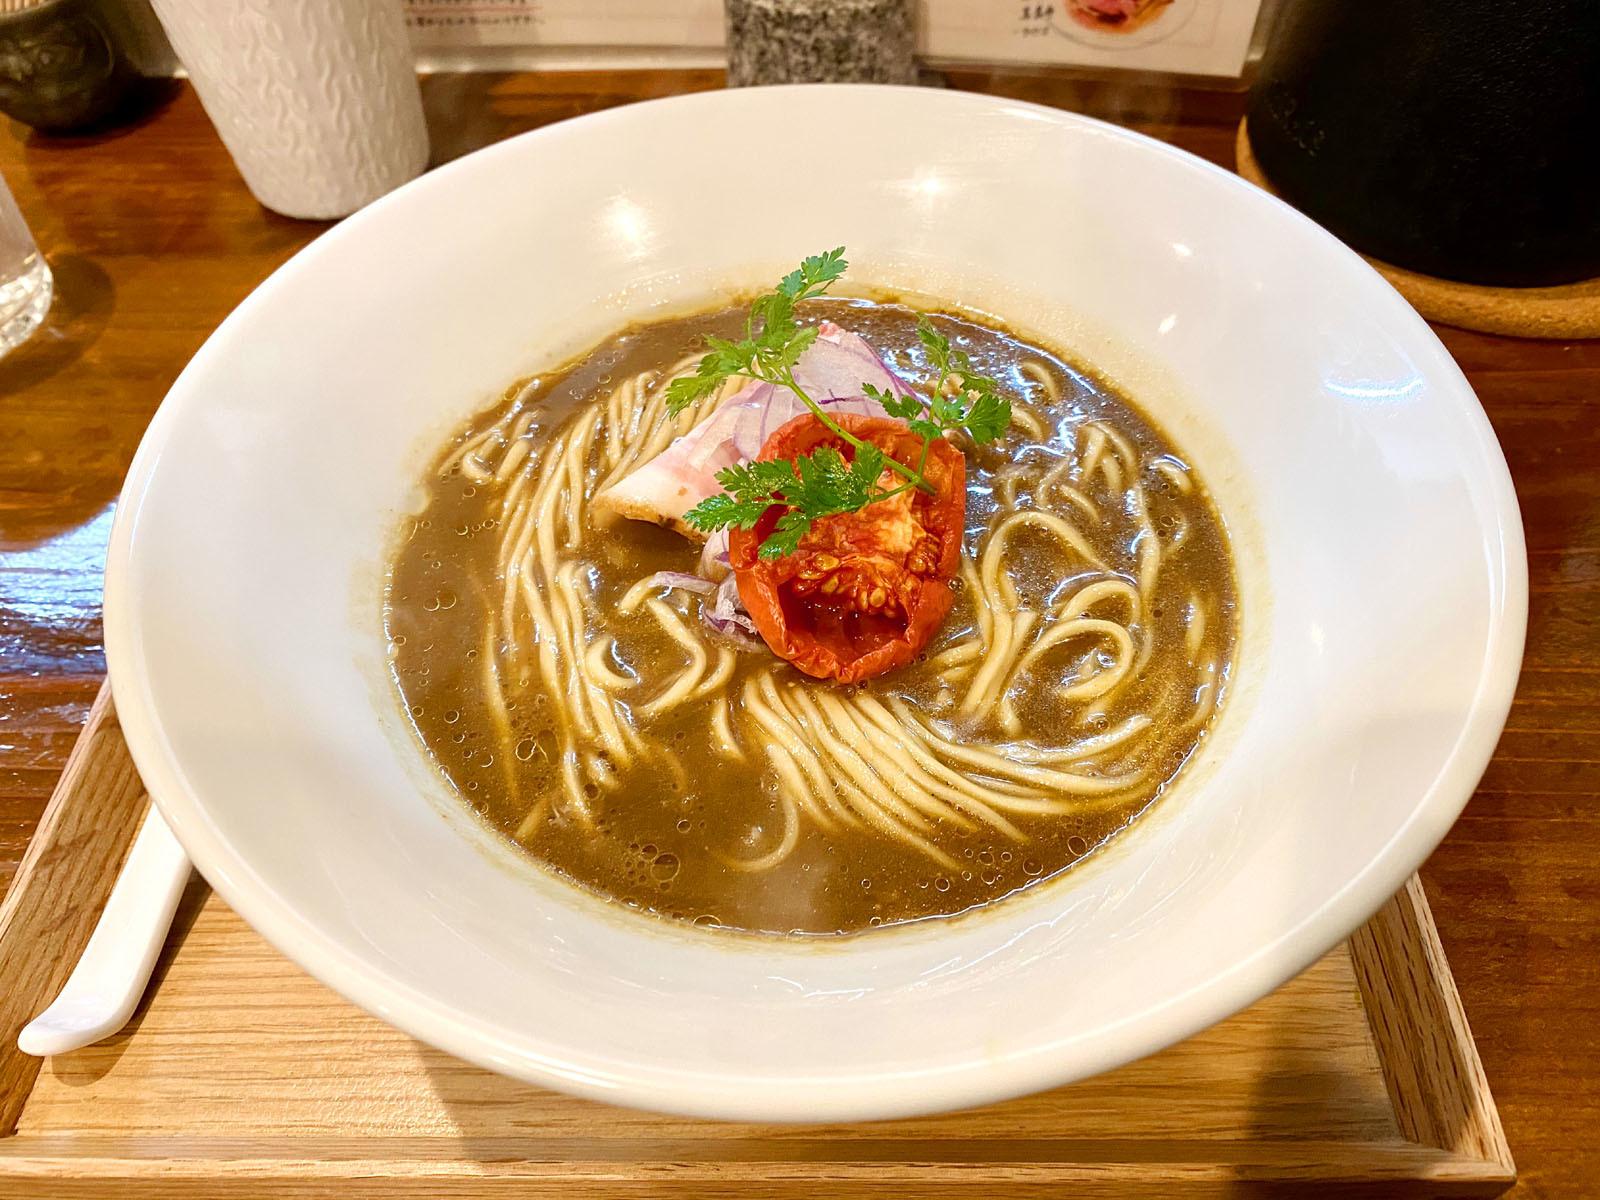 らぁ麺すずむし 07 限定 山すず伽喱麺 900円